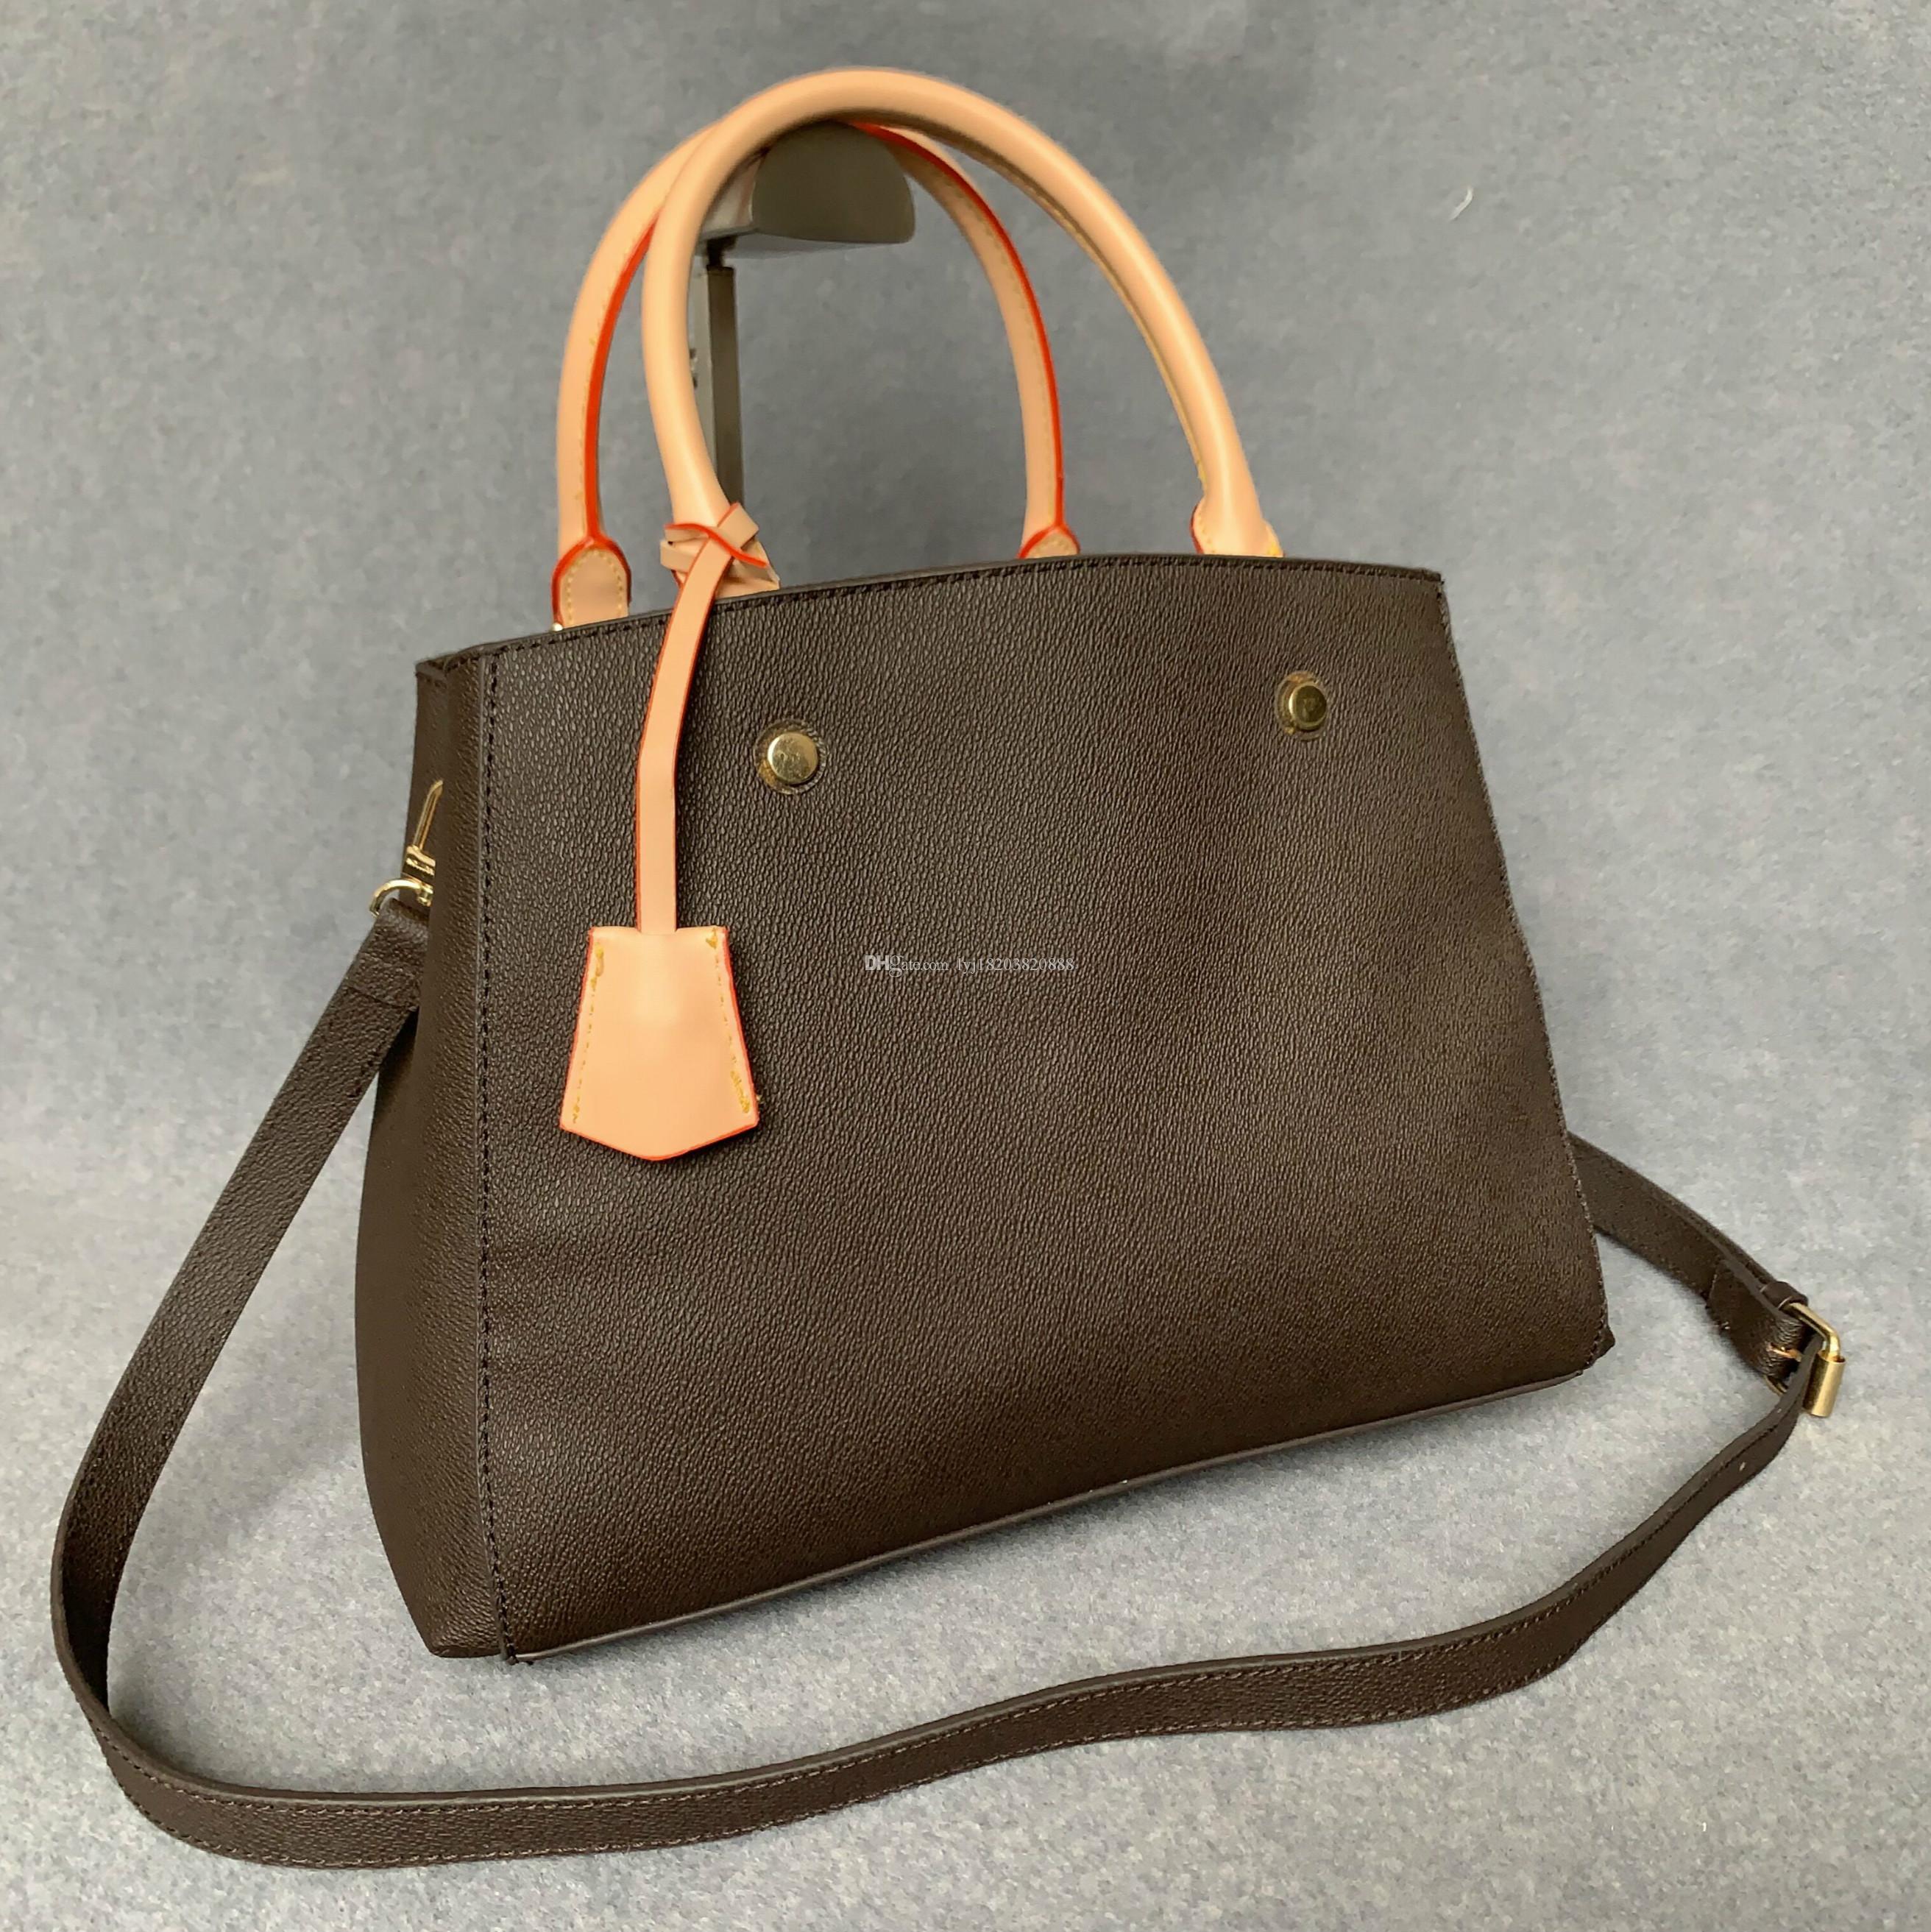 حار مبيعات المصممين الفموي حقائب اليد المحافظ montigne حقيبة المرأة حمل ماركة إلكتروني النقش جلد طبيعي حقائب الكتف حقيبة crossbody